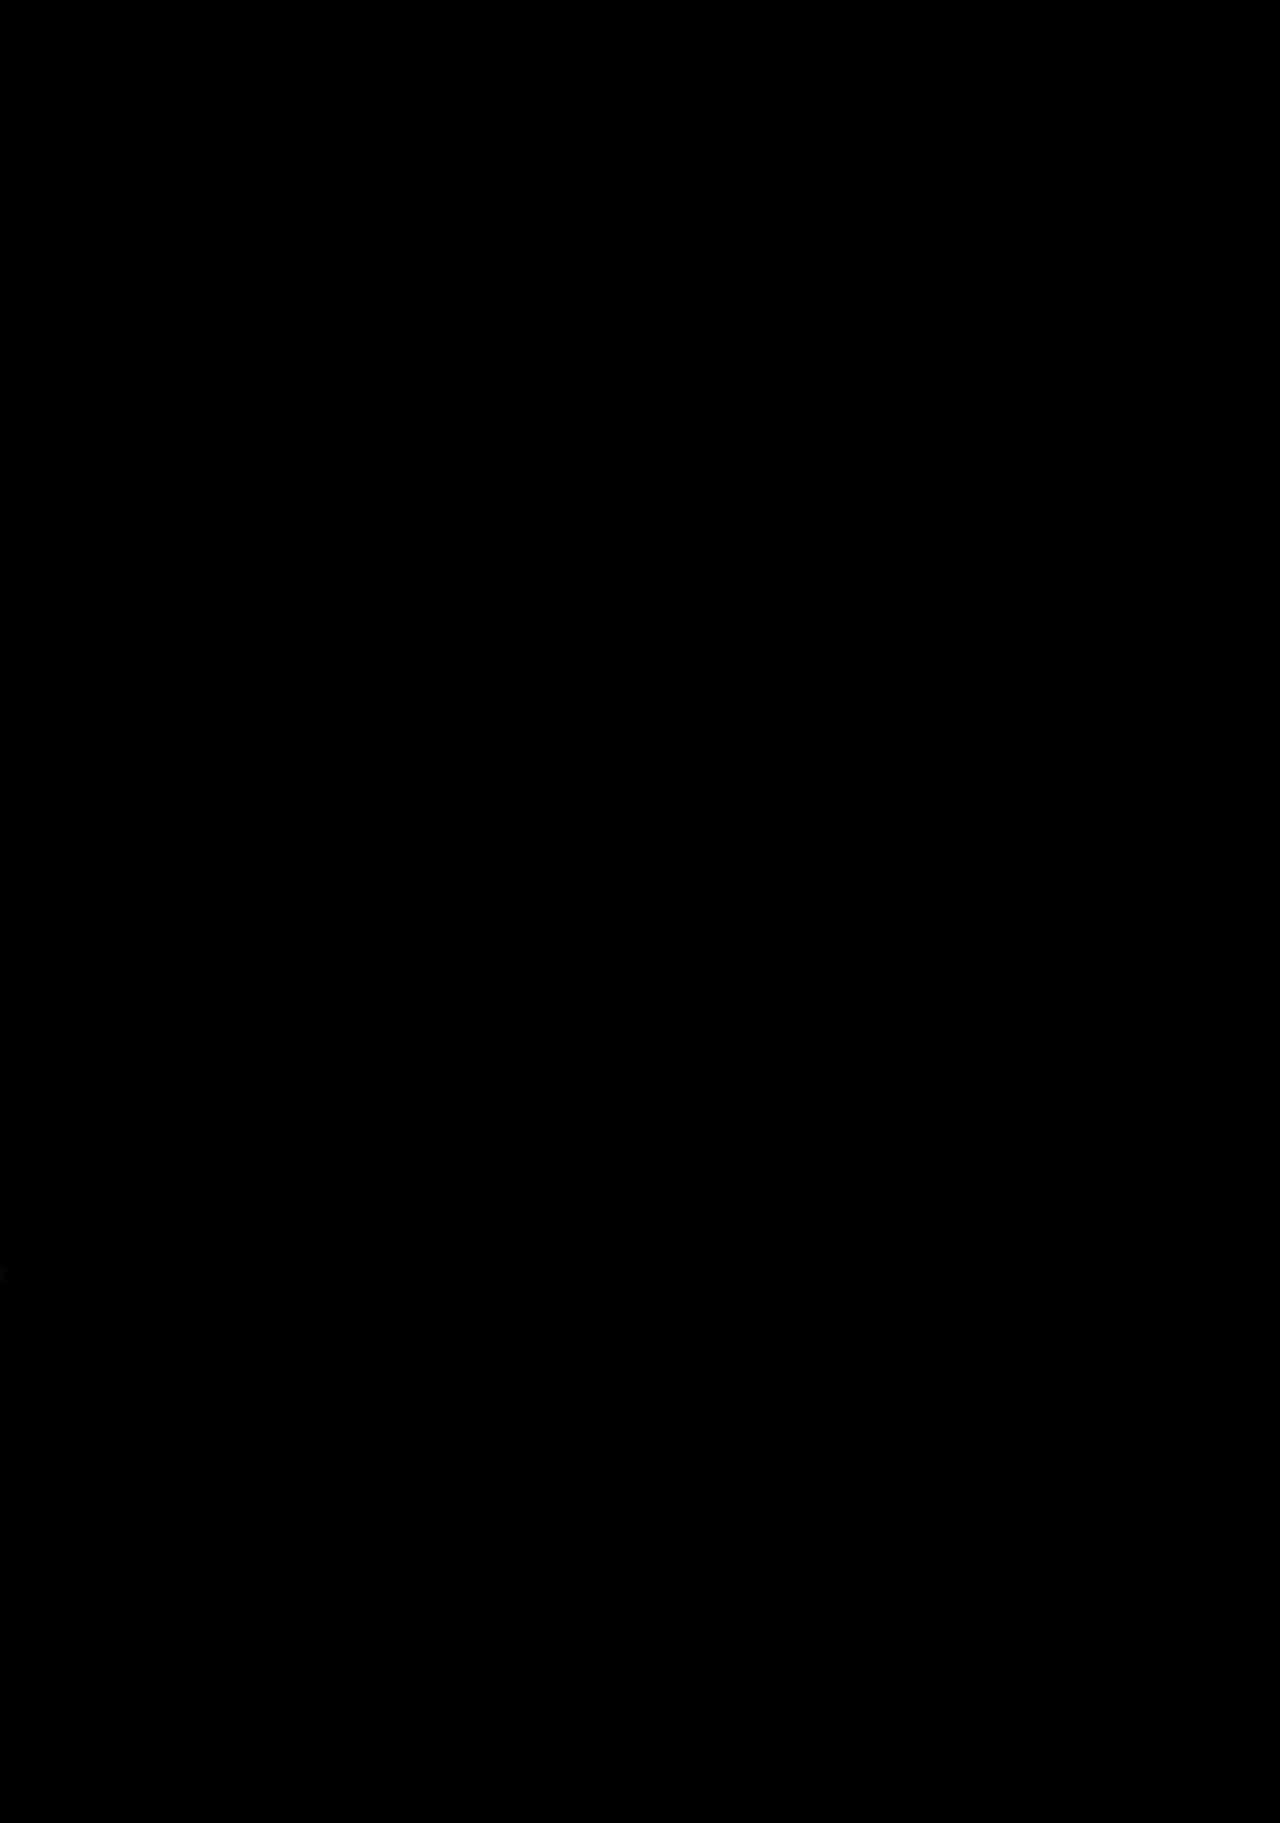 [Bakuchi Jinsei SP (Satsuki Fumi)] Kanpeki Kareshi to Zettai Ryouiki Ouji-sama - Another Version - (Kuroko no Basket) 123